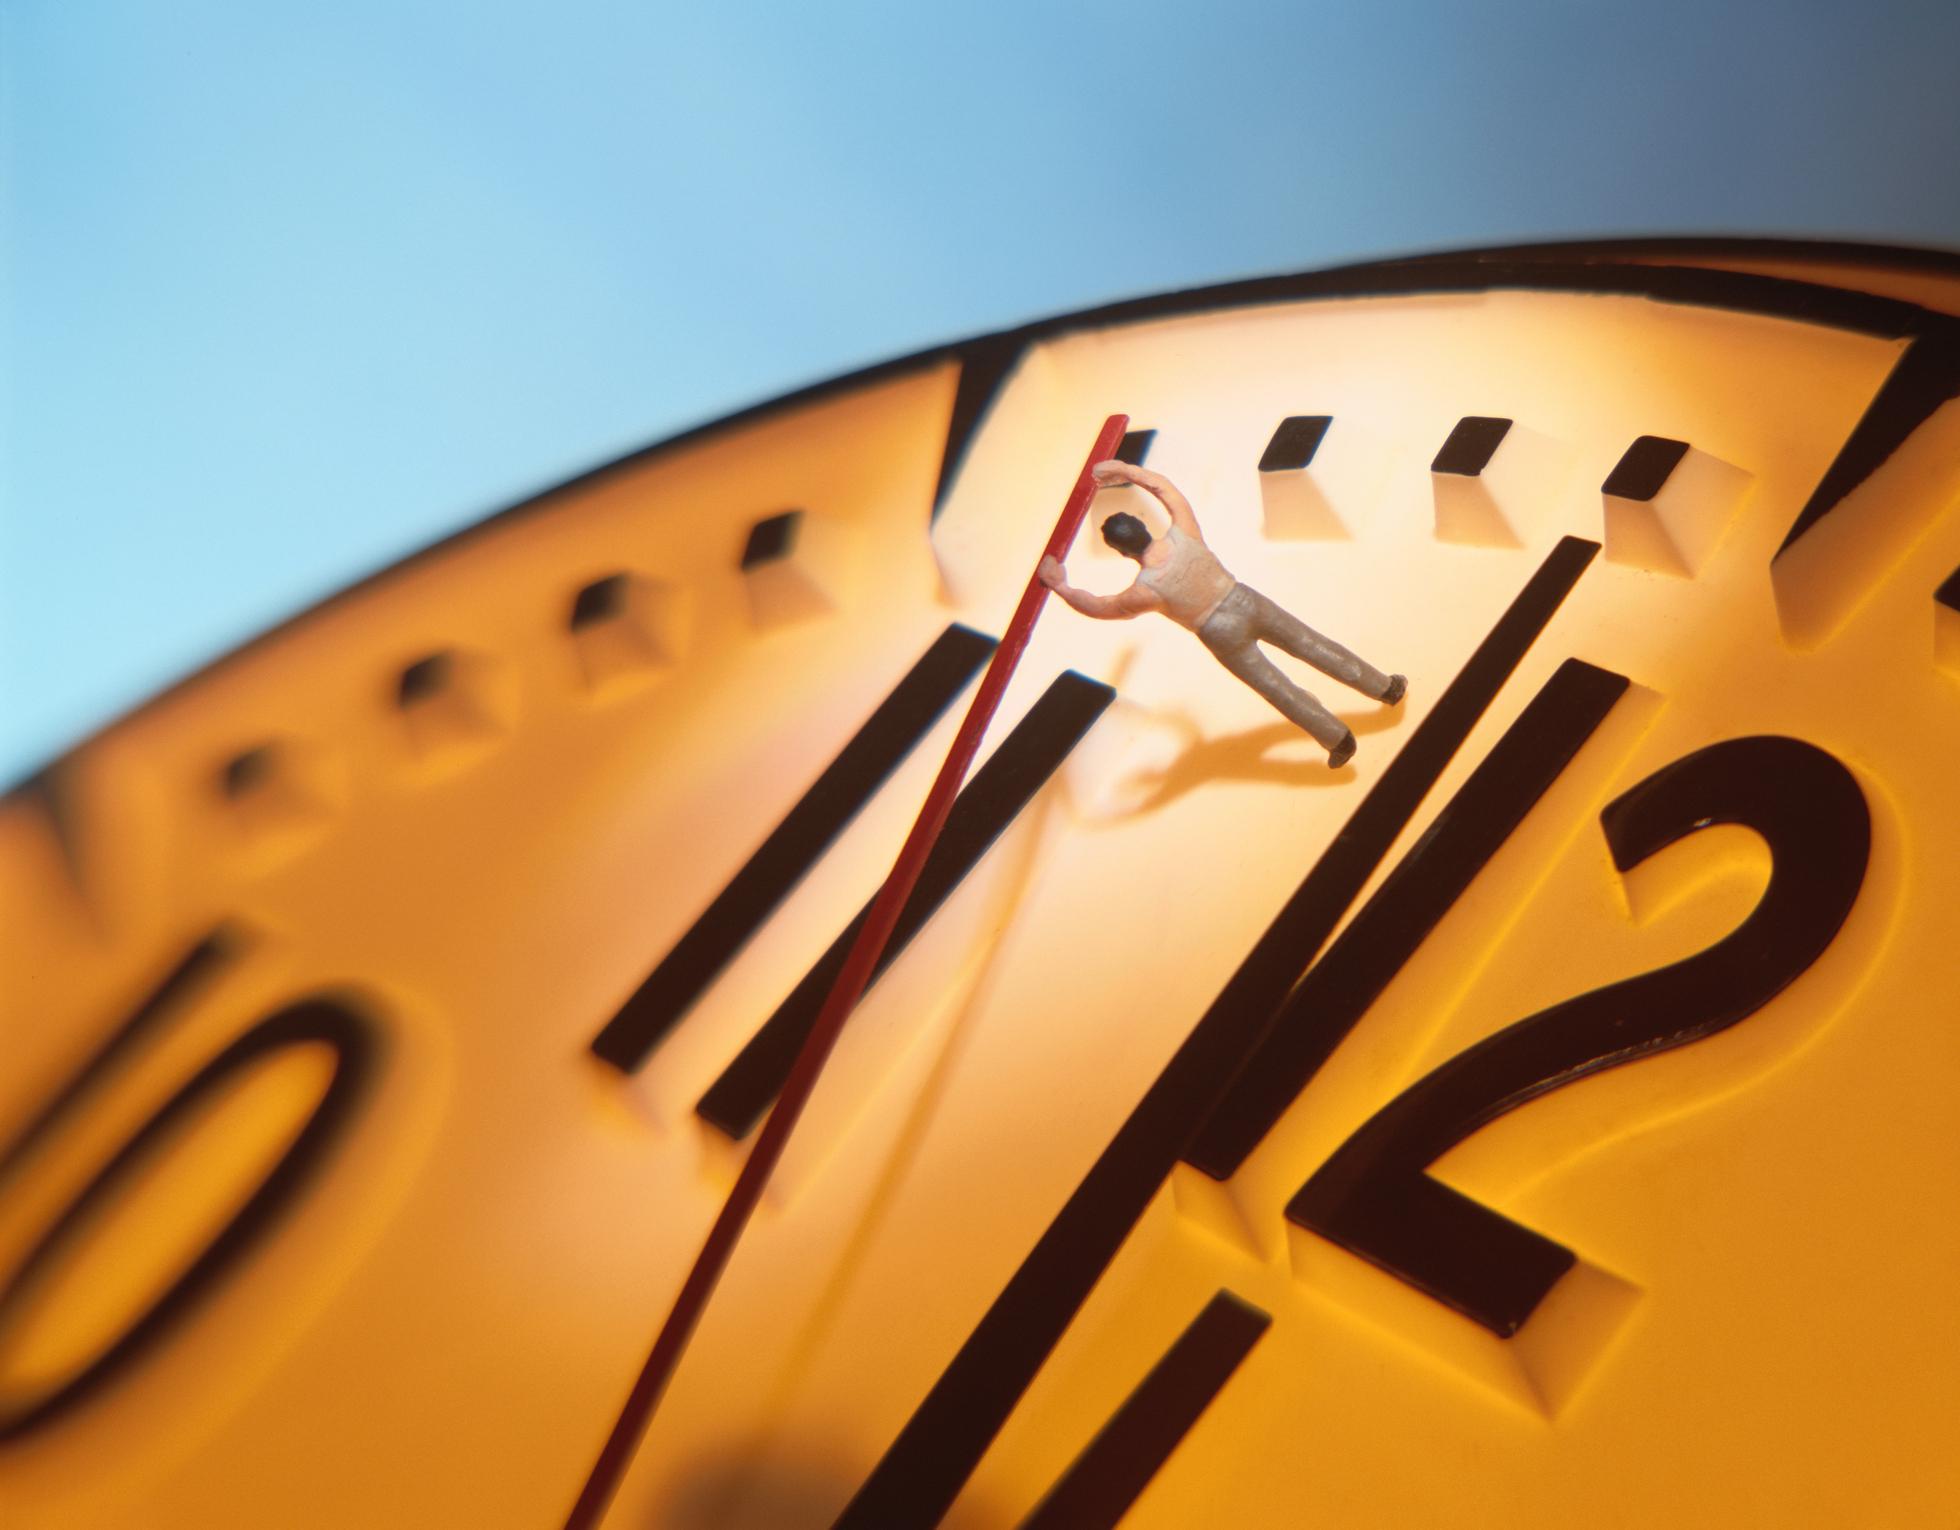 Imagem de boneco movendo ponteiro de relógio